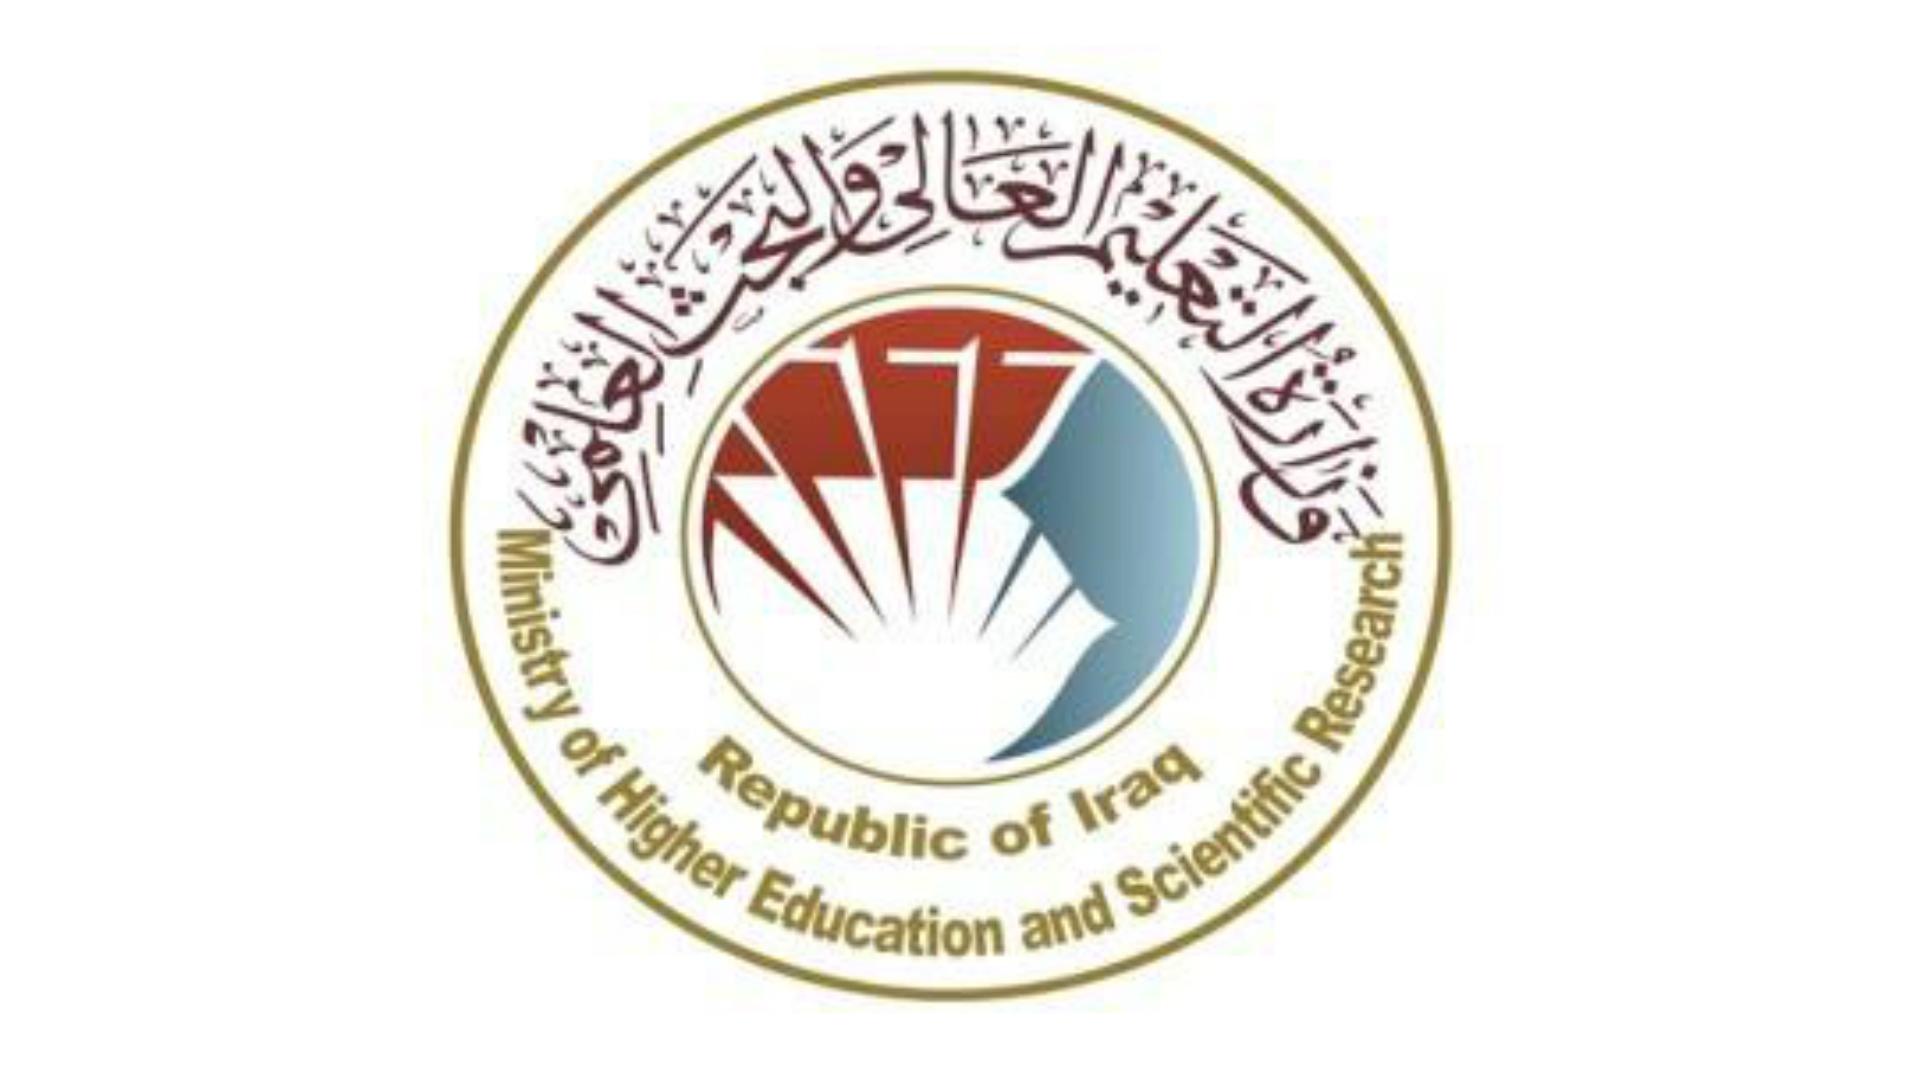 وزارة التعليم العالي تبحث إدراج جرائم حزب البعث في المنهاج الدراسي للجامعات